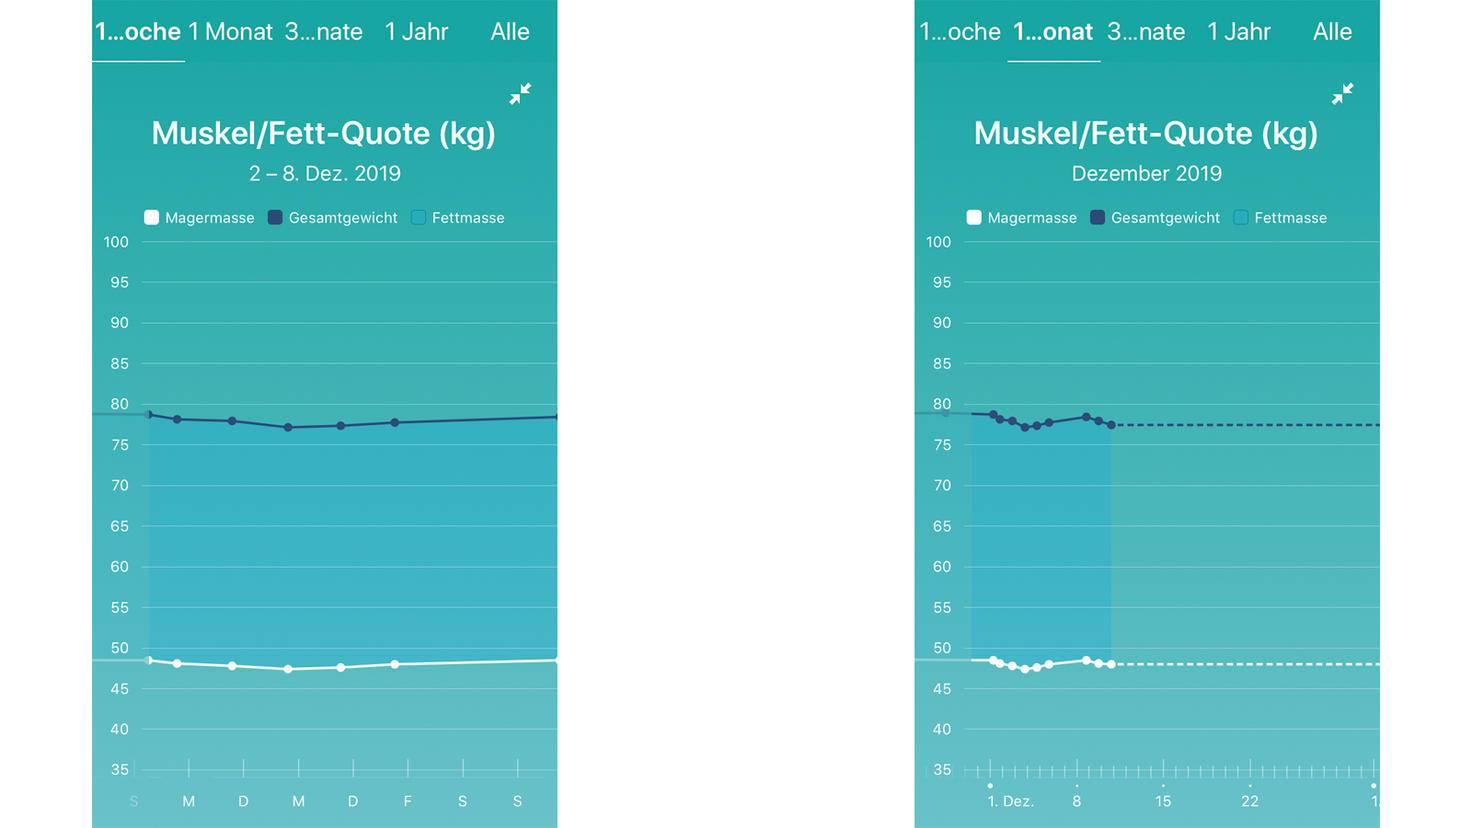 """Keine Ahnung, was mir der """"Fettmasse""""-Bereich sagen soll. Besser wäre es, Durchschnittswerte zum Vergleich zu erhalten."""